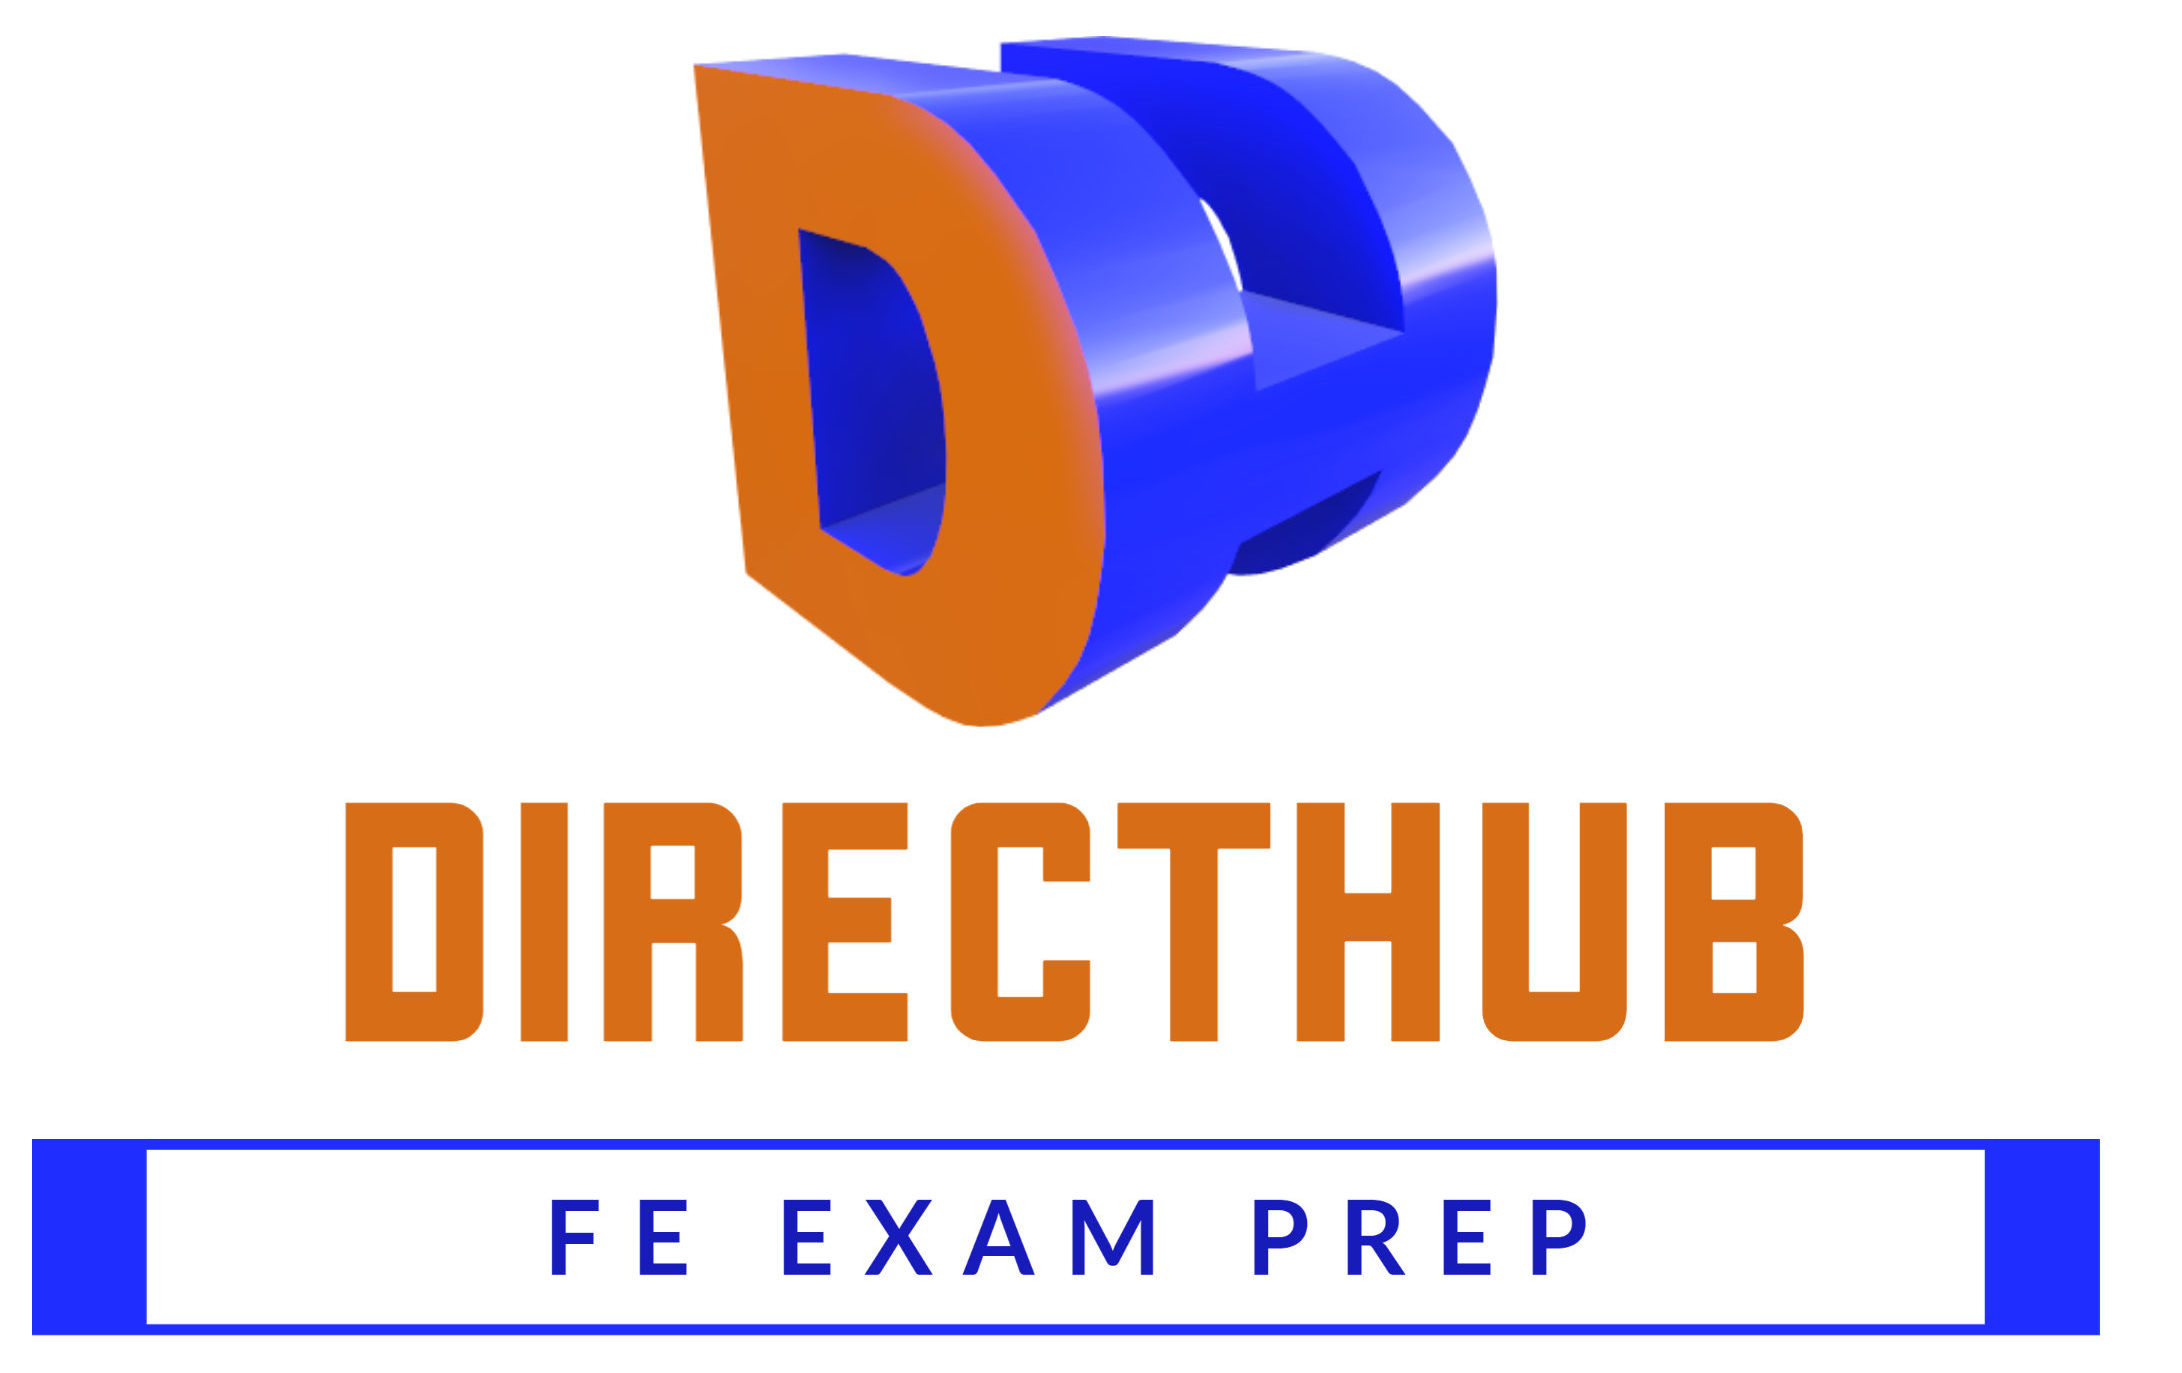 DIRECTHUB